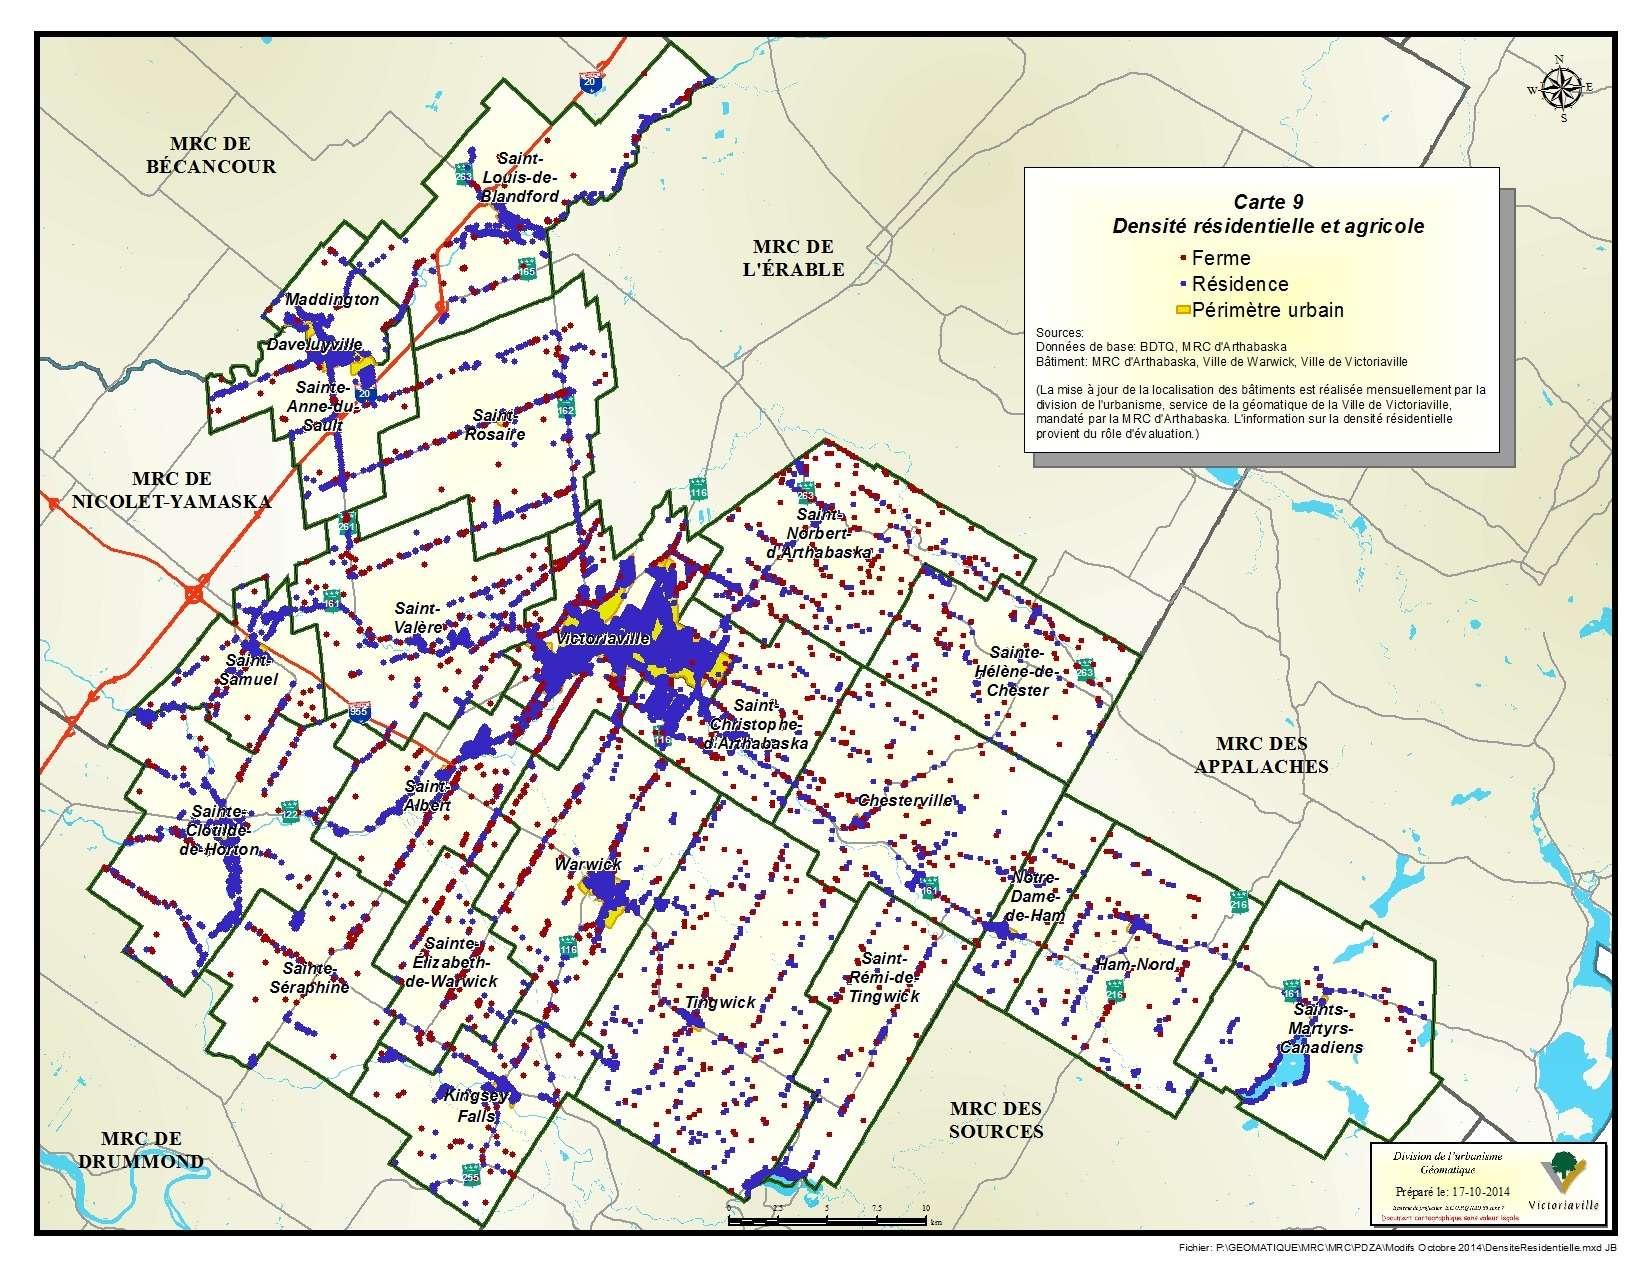 Carte 9 de 23 - Densité résidentielle et agricole